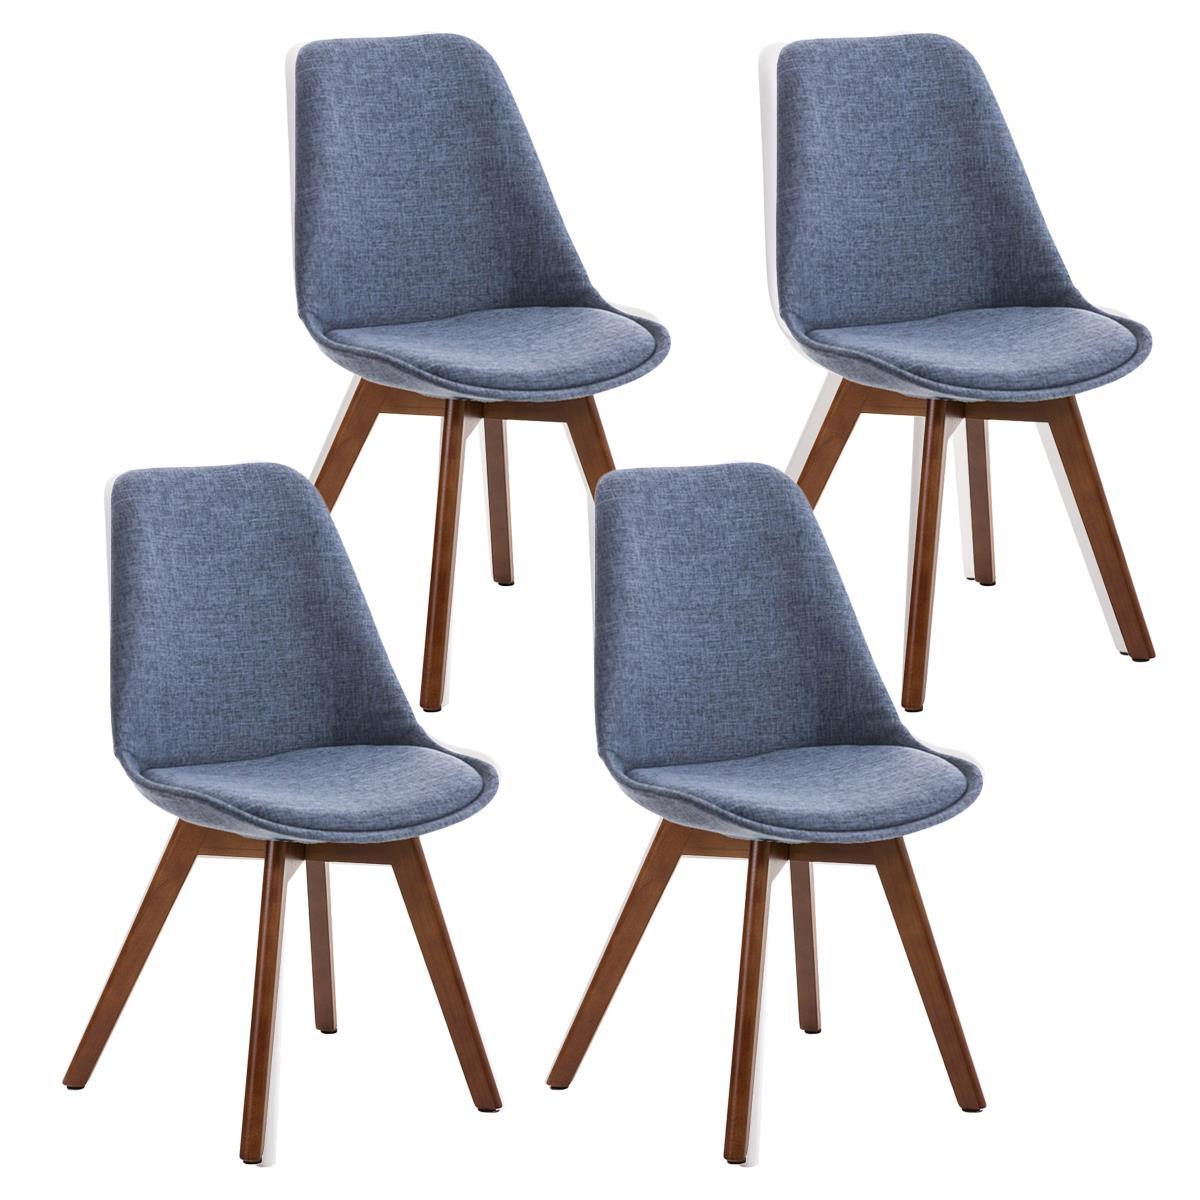 Conjunto de 4 sillas de comedor loren tela color azul y - Tela para sillas de comedor ...